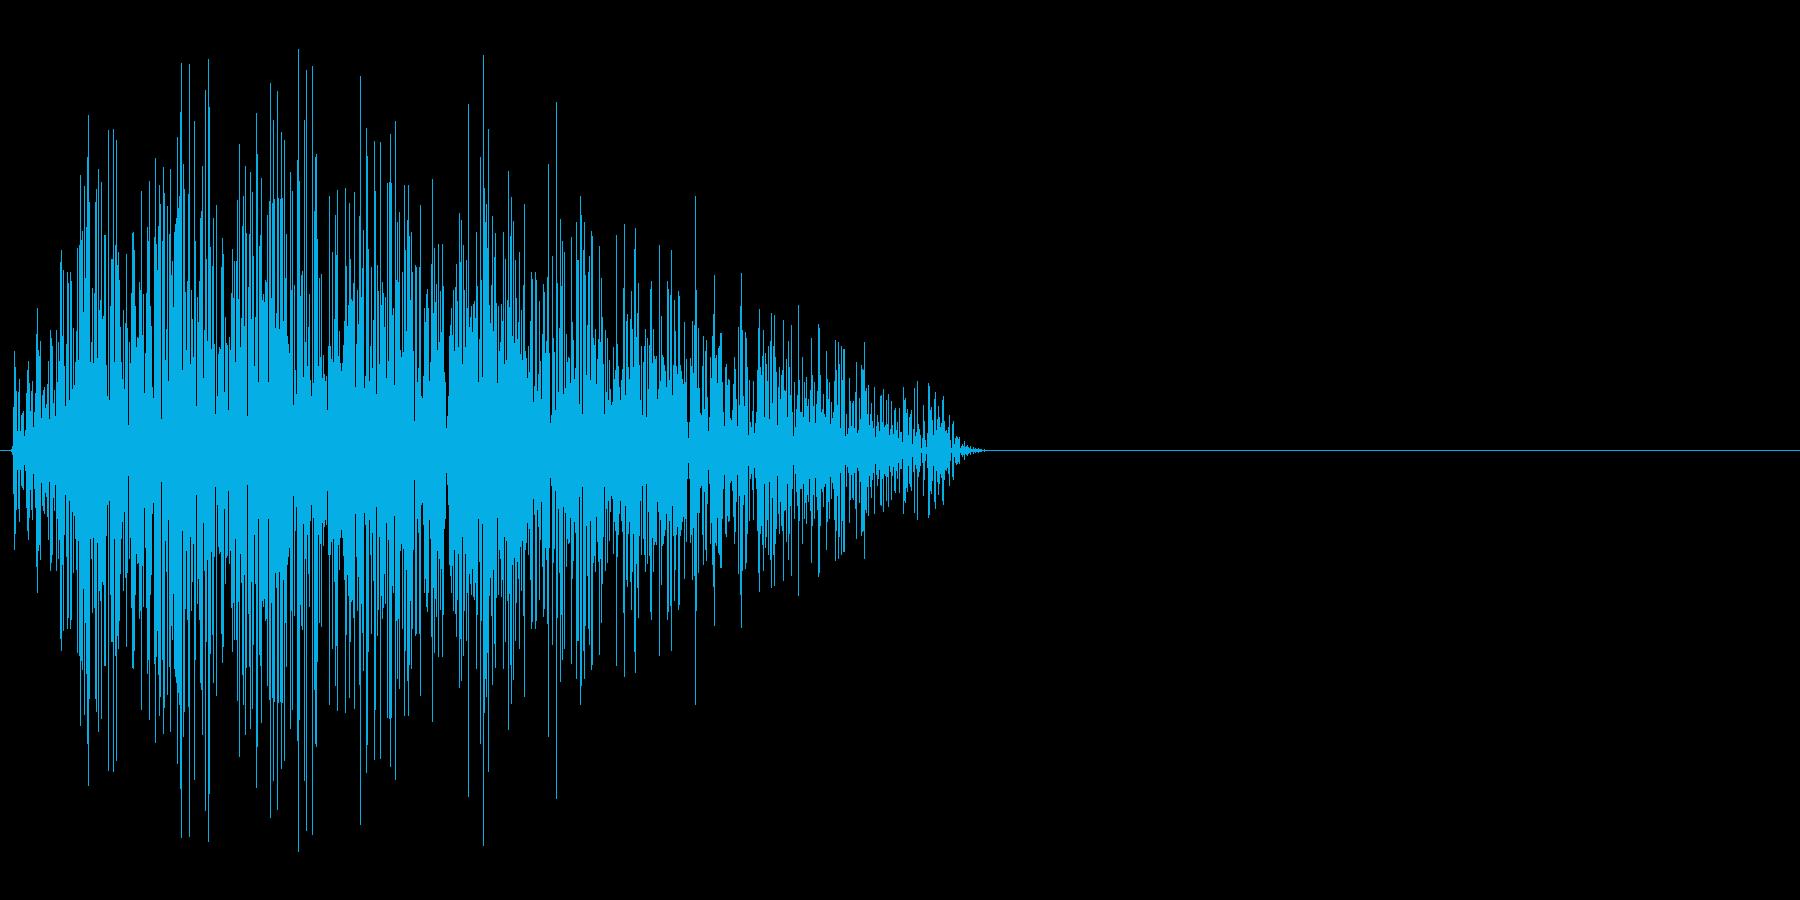 ボタン・カーソル・操作音 「チッ」の再生済みの波形